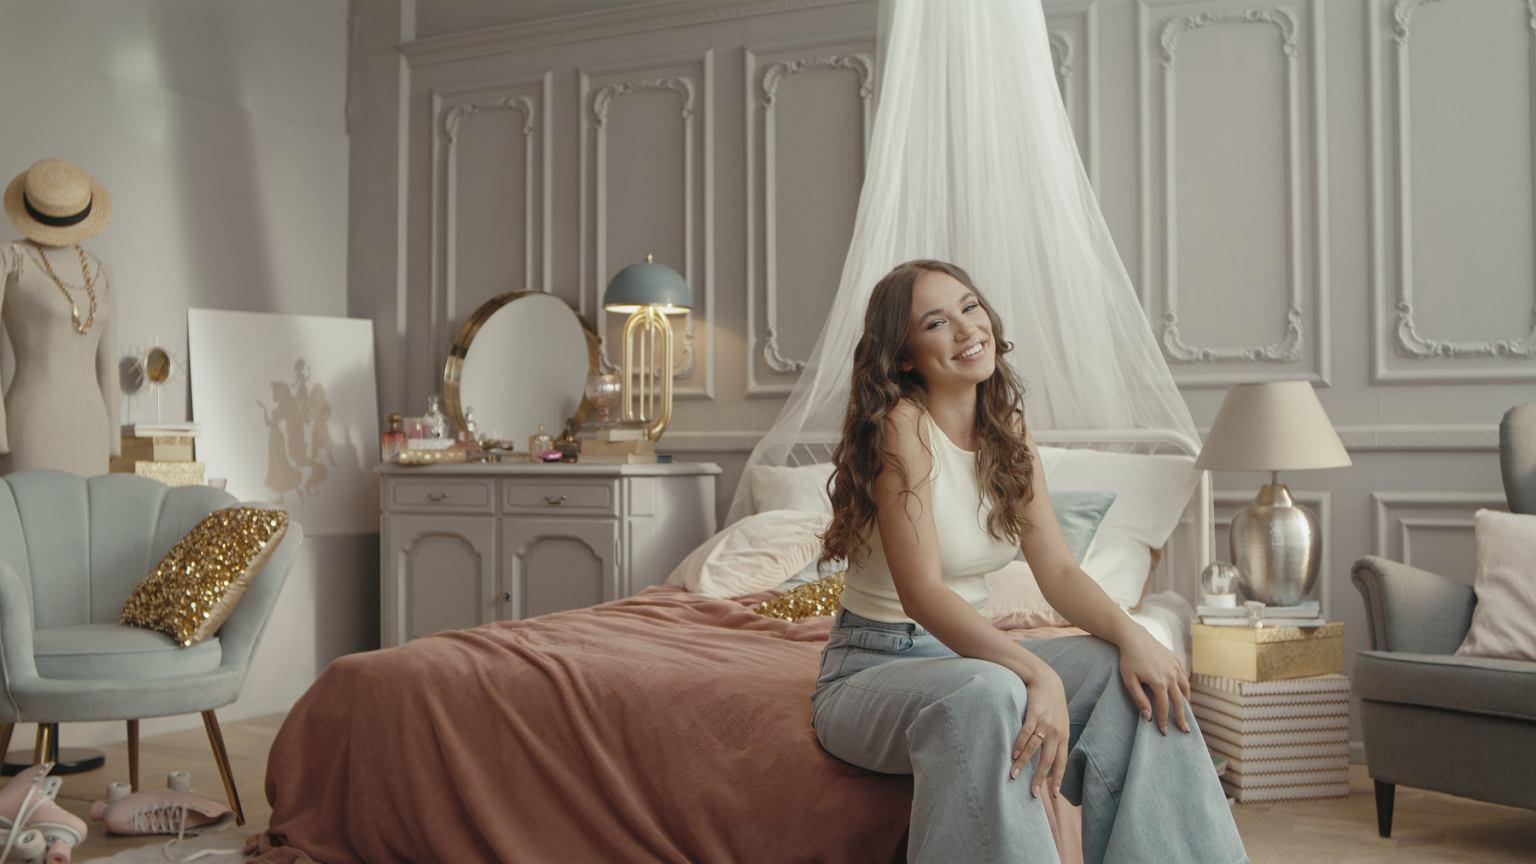 Alicja Szemplińska ze specjalną piosenką z okazji Wielkiego Święta Księżniczek Disneya. Idealna na Dzień Dziecka